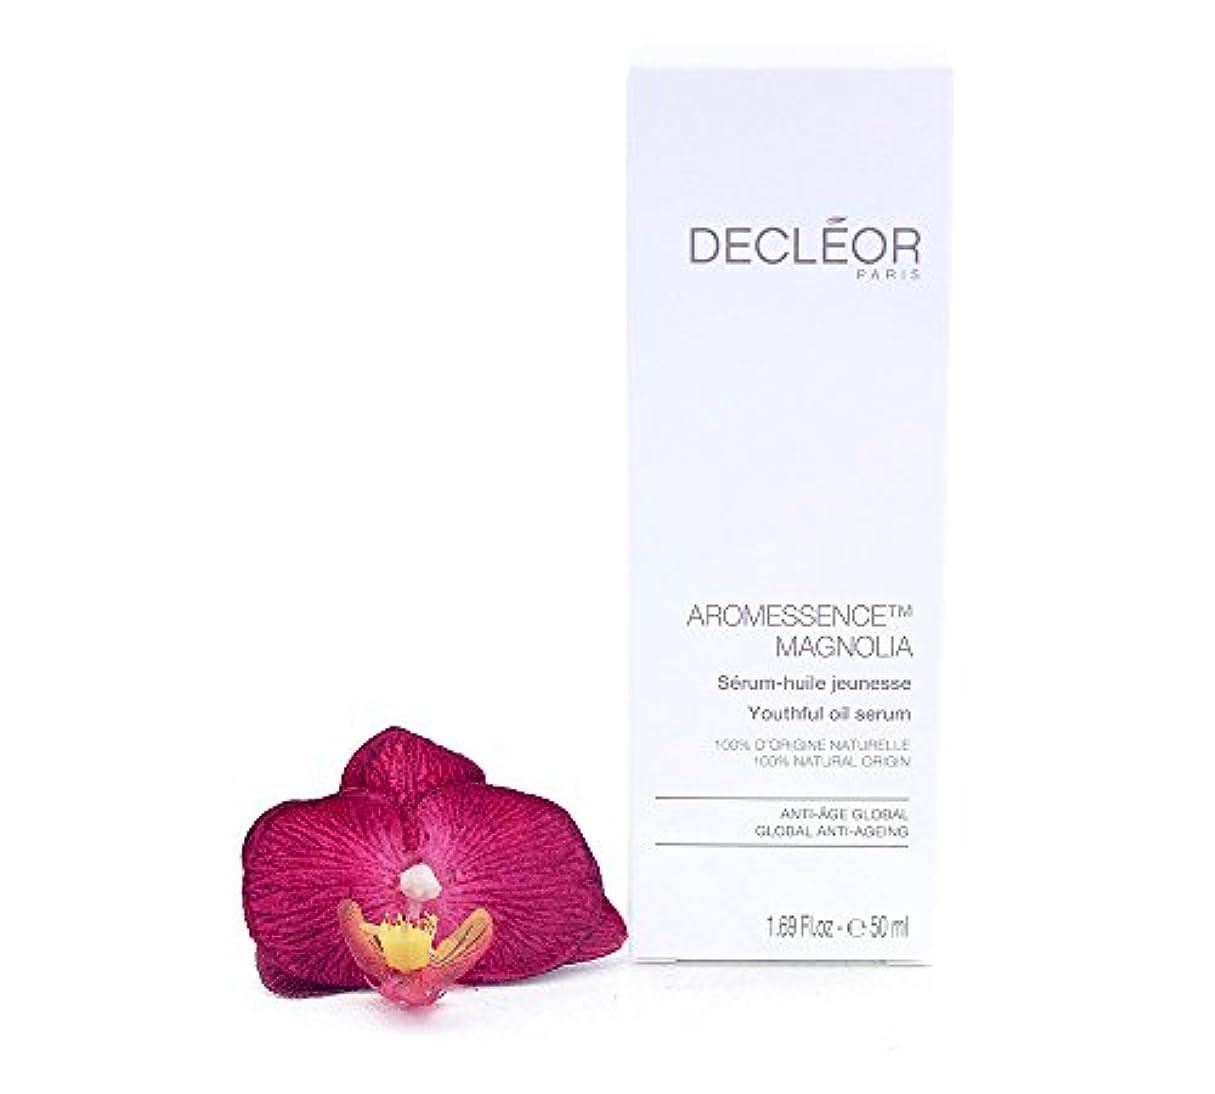 二十洞察力のあるはぁデクレオール Aromessence Magnolia Youthful Oil Serum - Salon Size 50ml/1.6oz並行輸入品